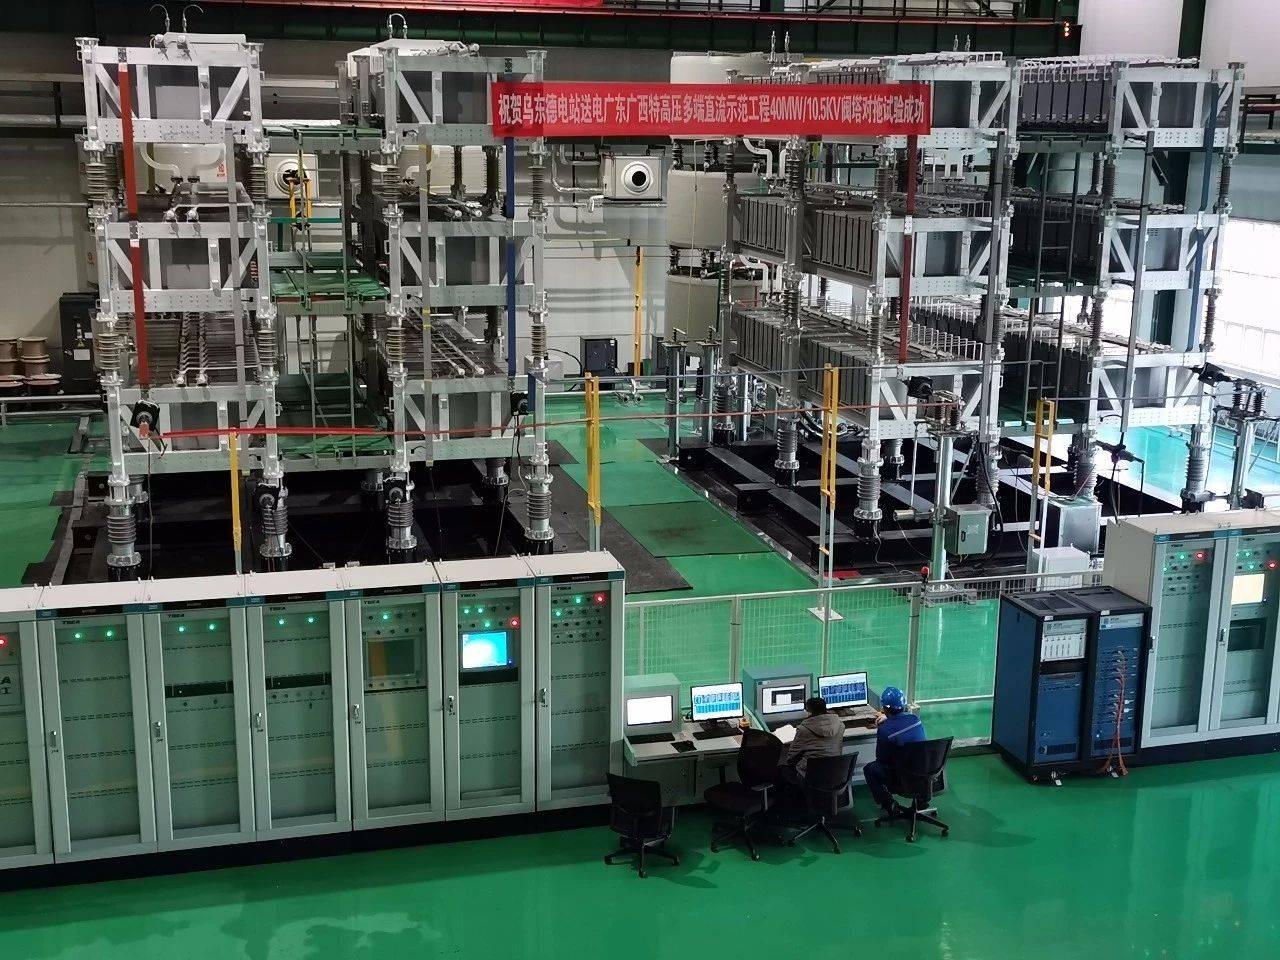 乌东德柔直工程±10.5kV/40MW背靠背全实物对拖平台试运行成功